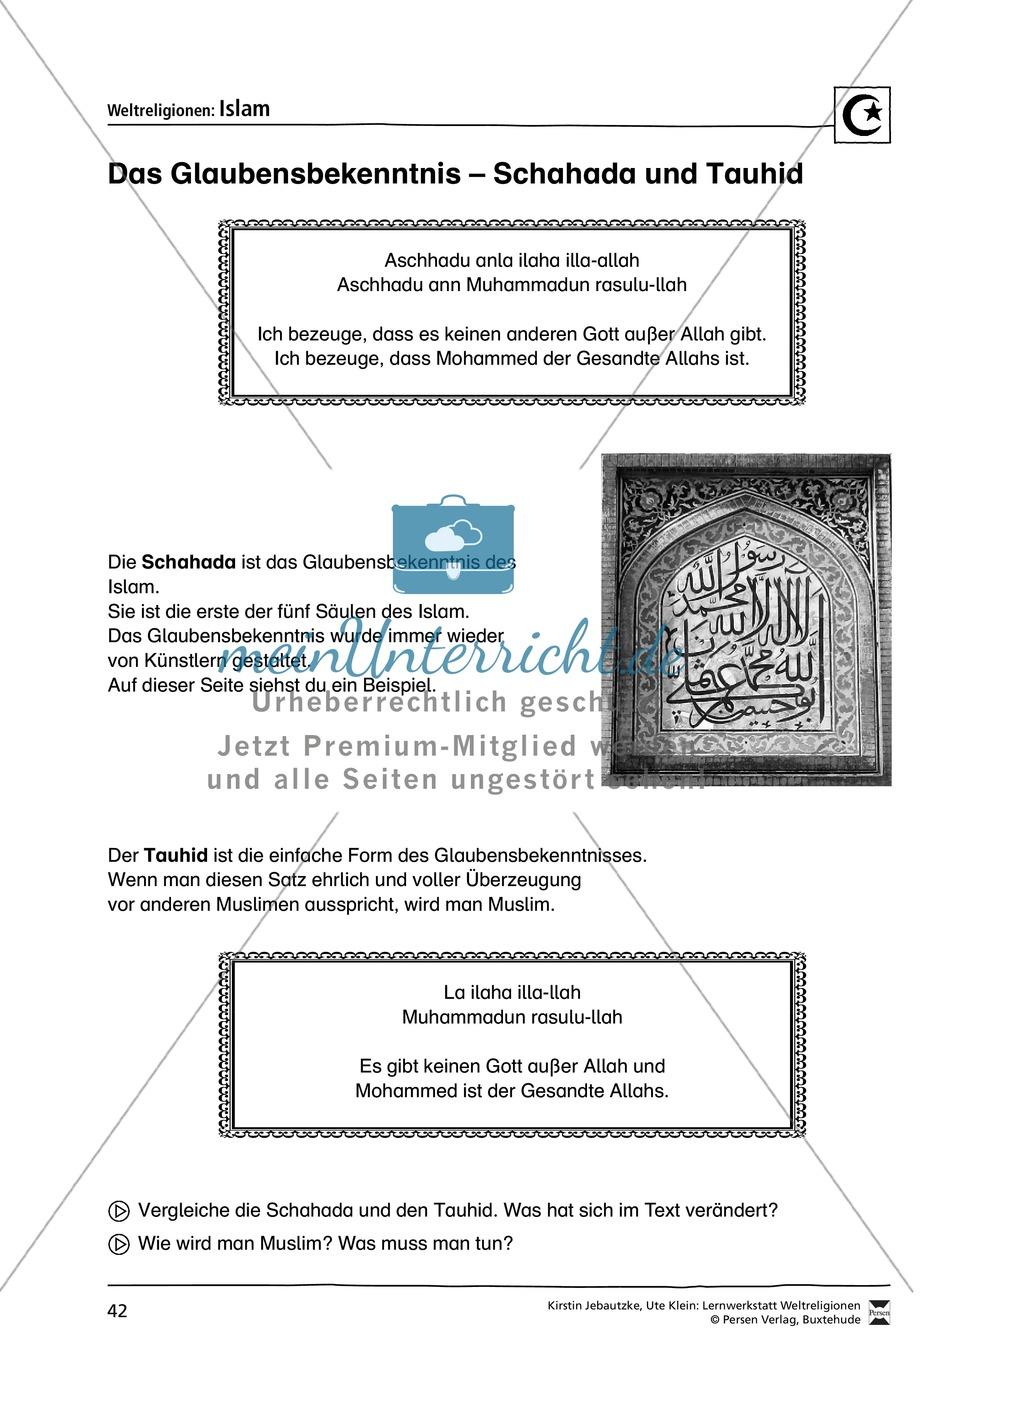 Unterrichtsmaterial zum Islam - mit Infomaterial zu Gottheit, Koran, Moscheen, Feiertagen uvm. Preview 8